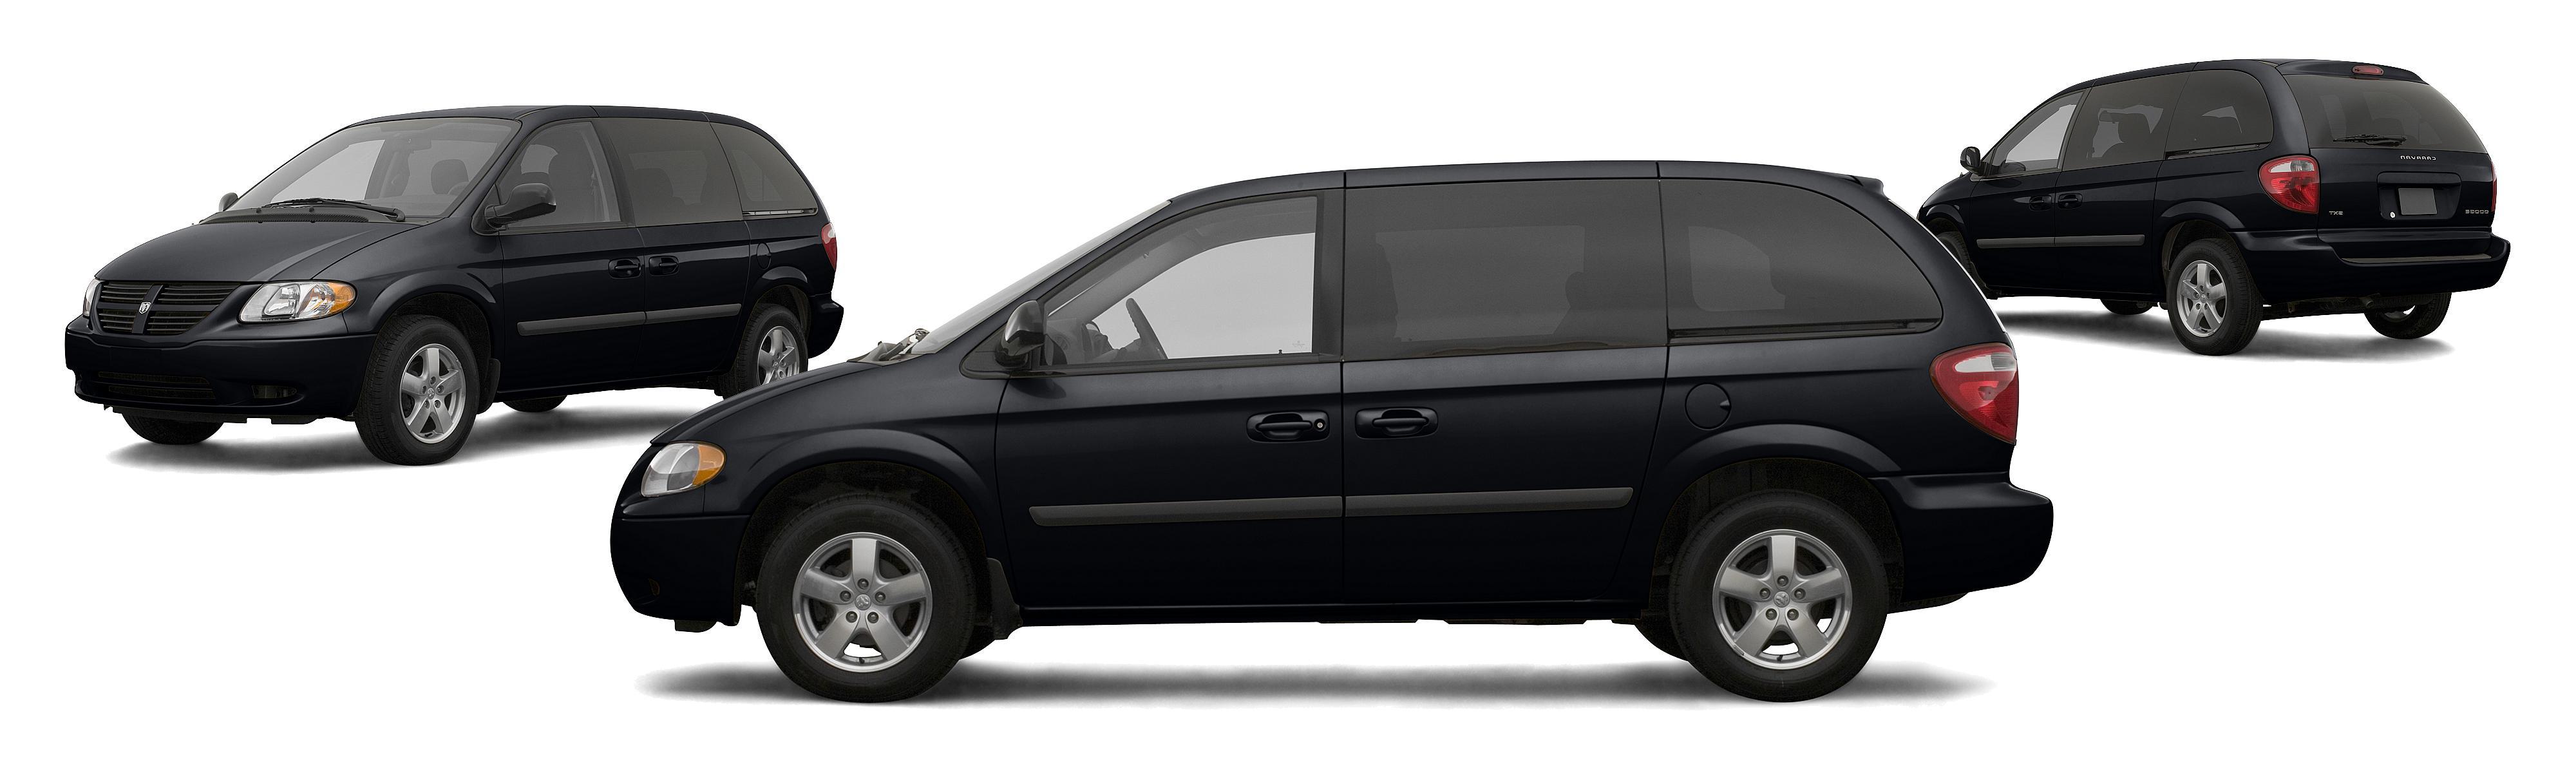 2007 dodge caravan sxt 4dr mini van research groovecar rh groovecar com